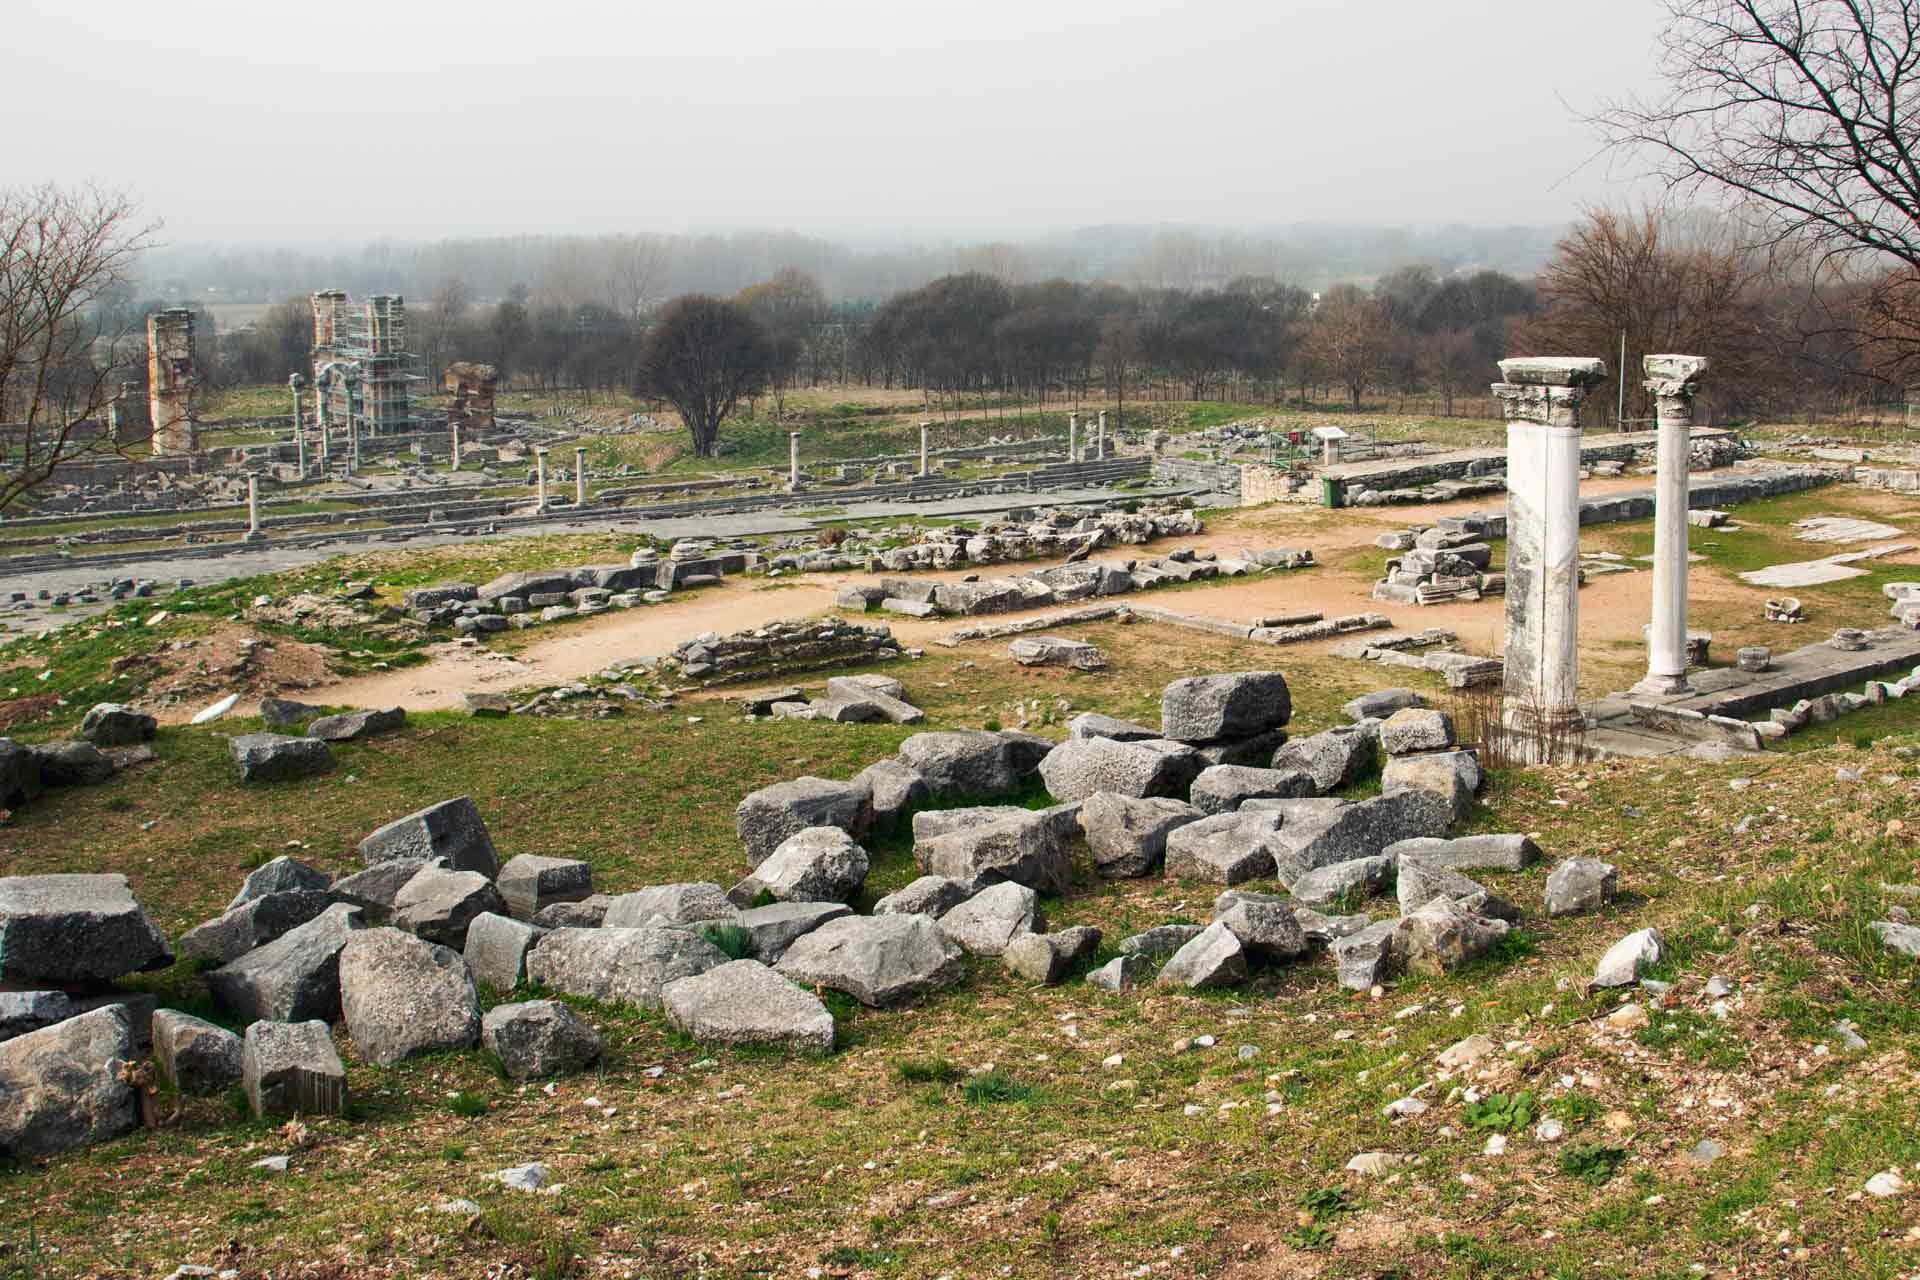 Yunanistan Gezi Rehberi Kavala Gezilecek Yerler Filippi Antik Kenti Çekergezer Hakan Aydın Fotoğrafları